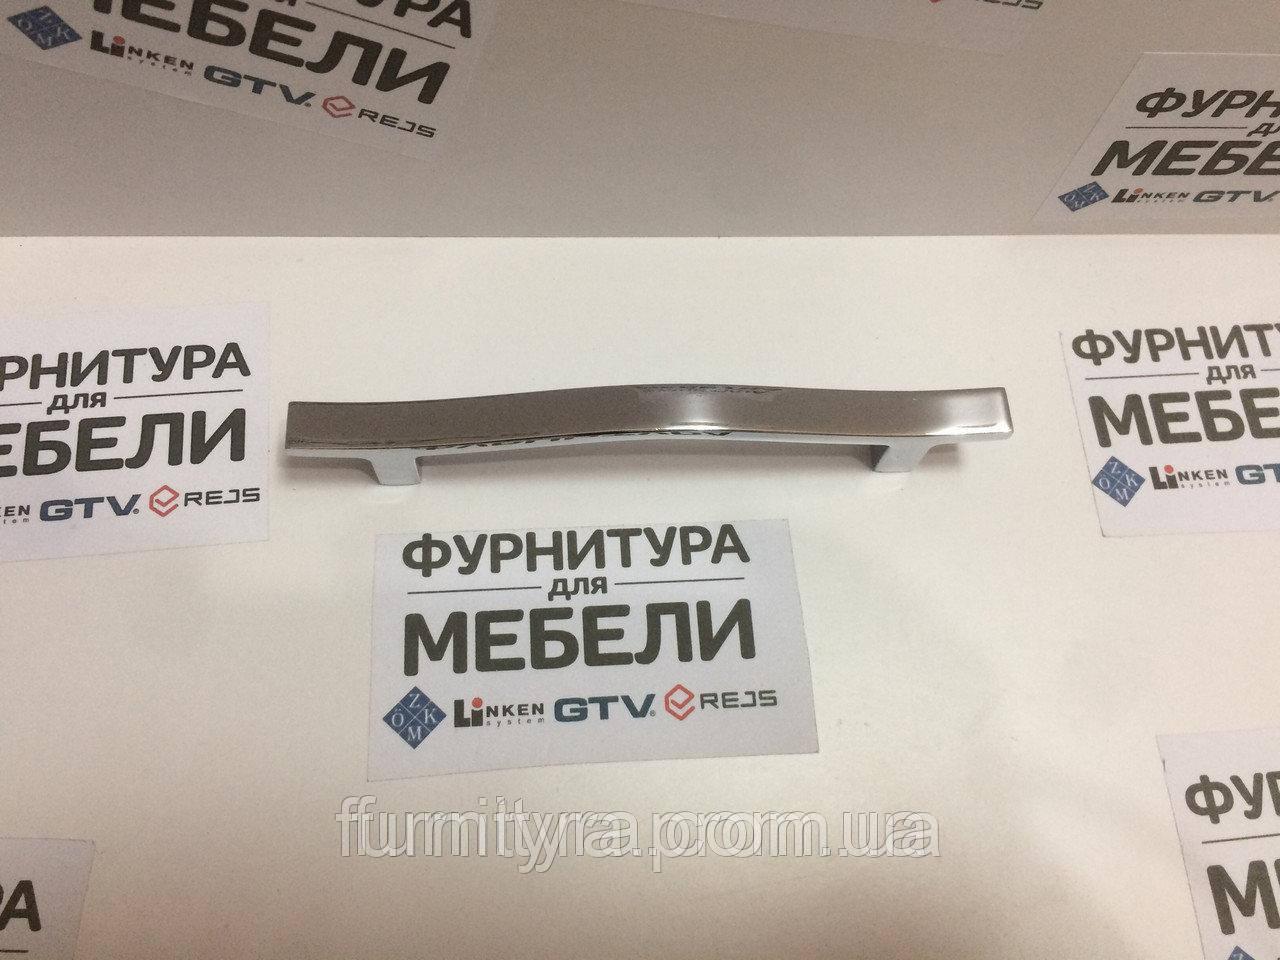 Ручка 160mm EVEREST DUZ Матовый Хром